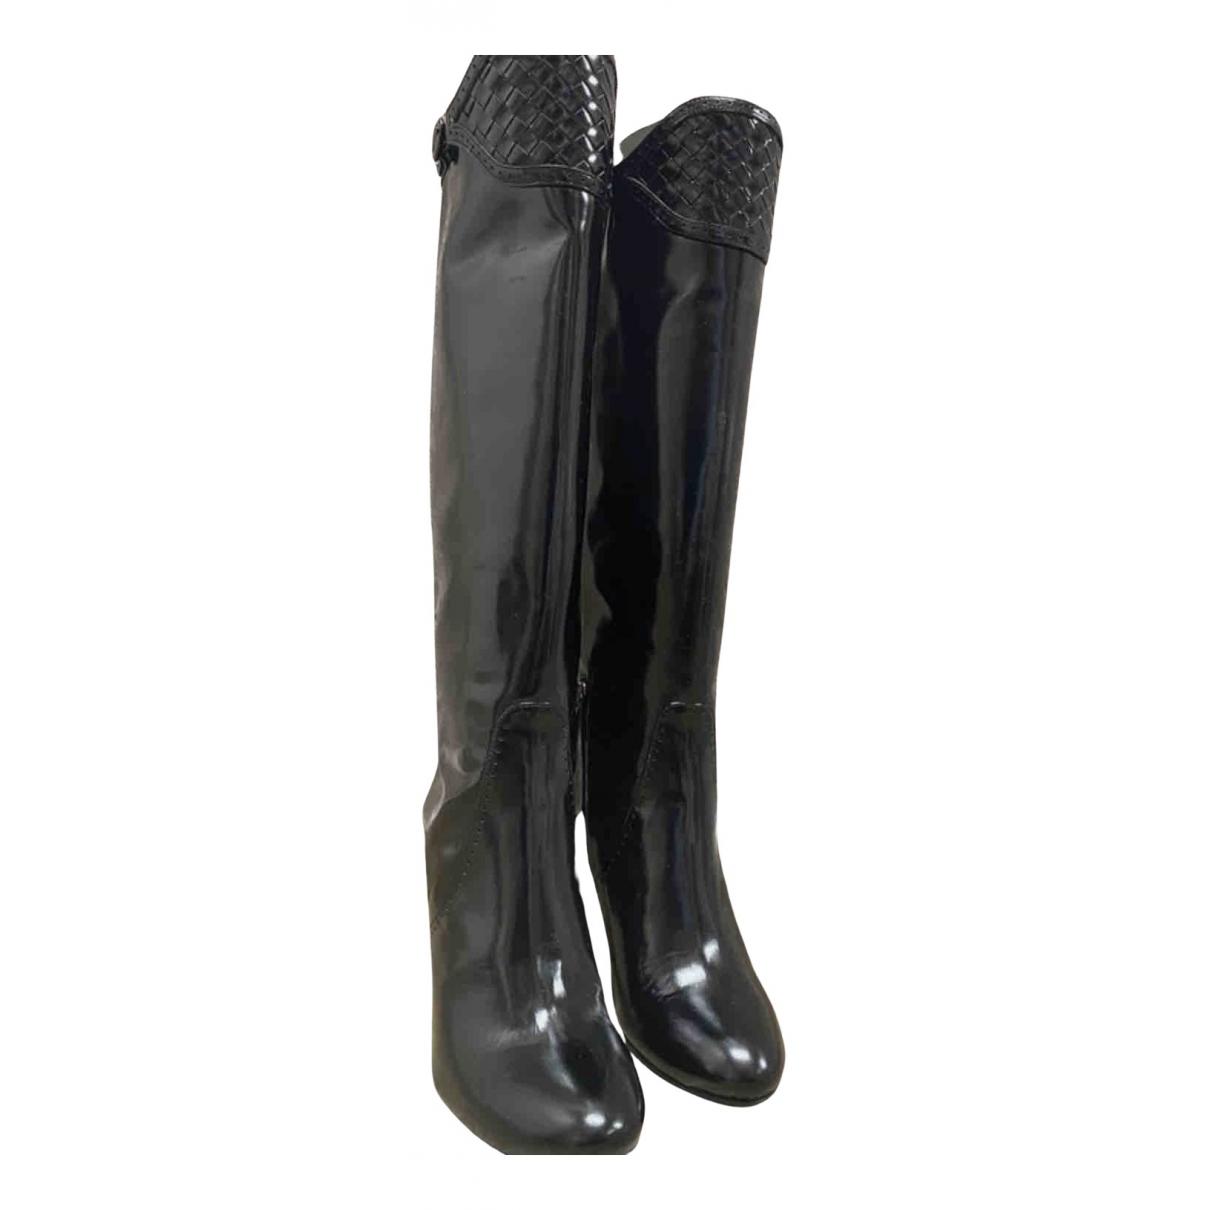 Bottega Veneta N Black Patent leather Boots for Women 40 EU